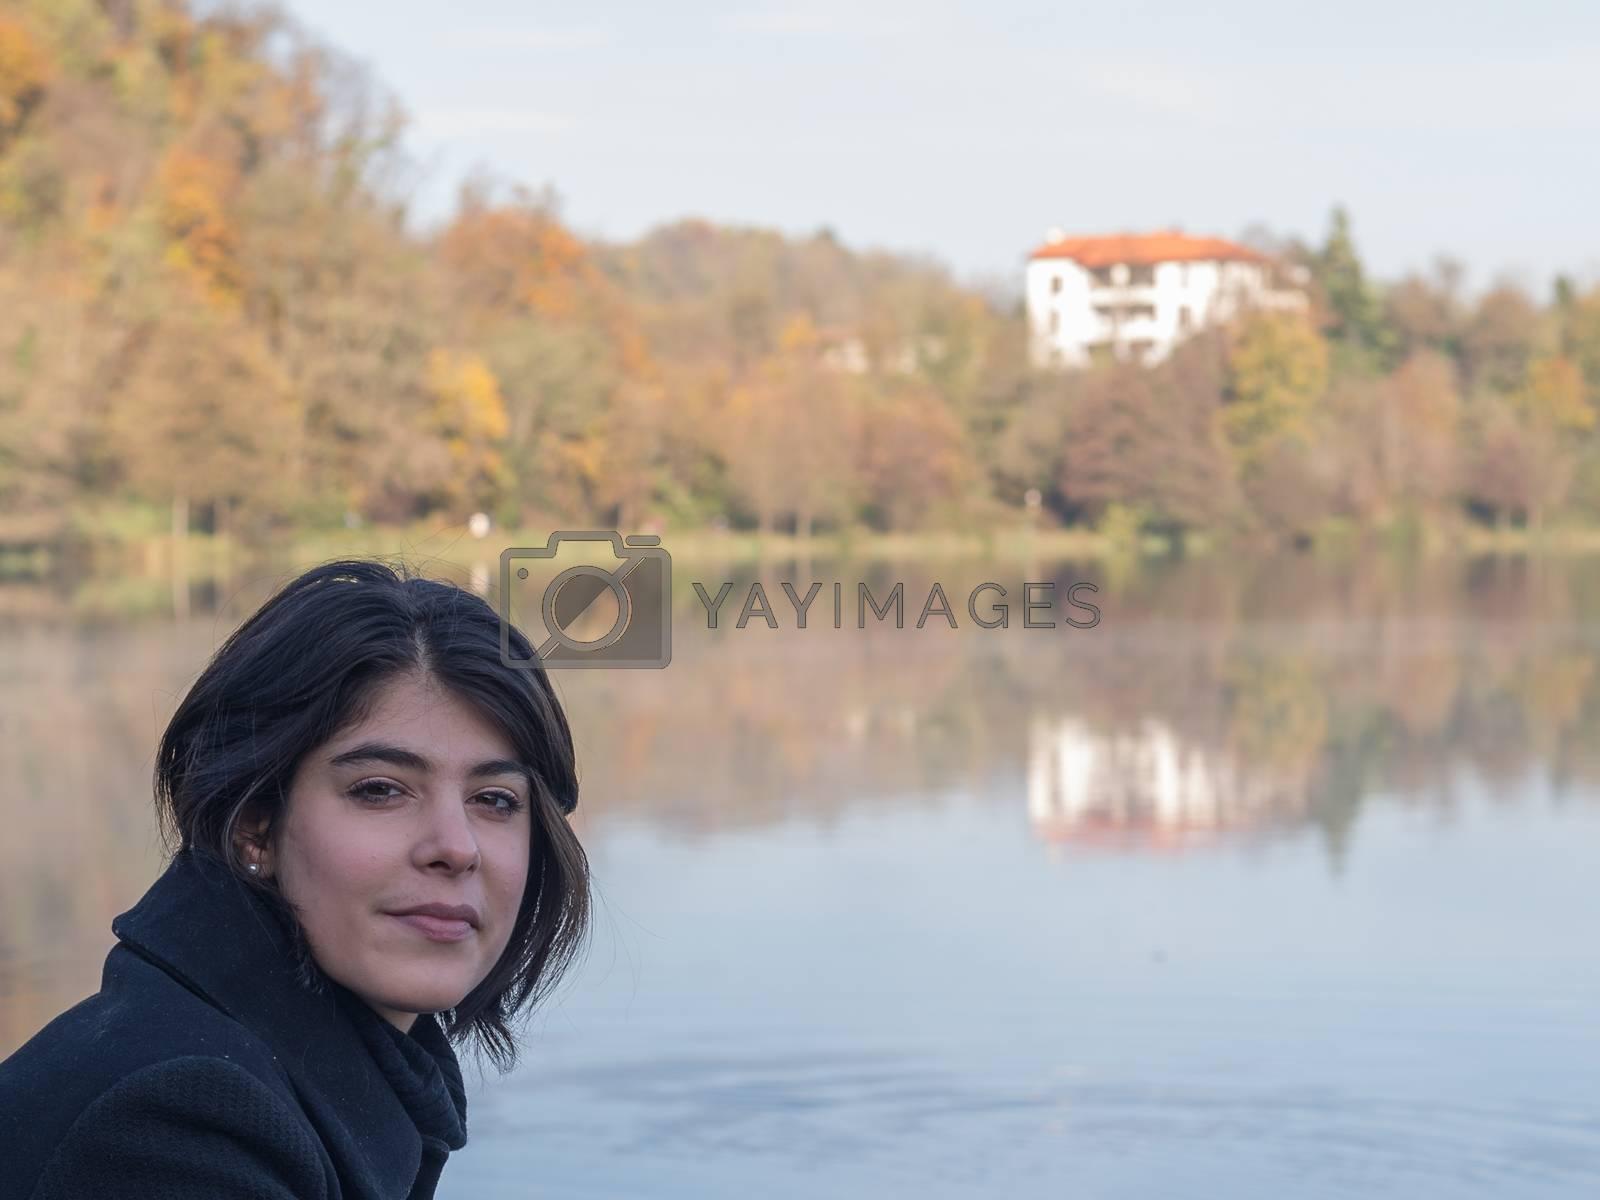 Milan, Italy. 17 November 2017. Model Giulia posing in an outdoor place.